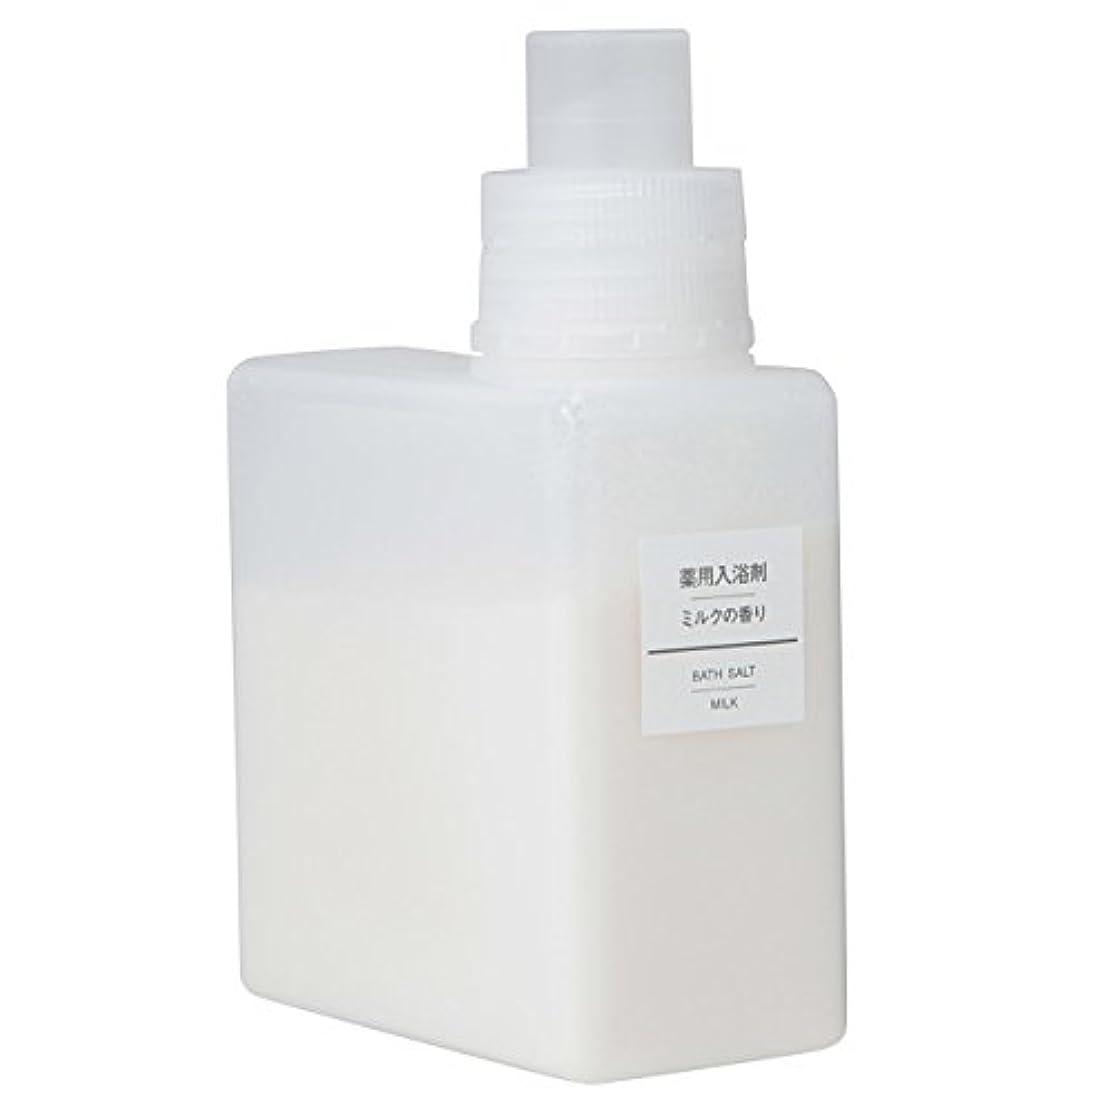 方法論ハンバーガー特に無印良品 薬用入浴剤?ミルクの香り (新)500g 日本製